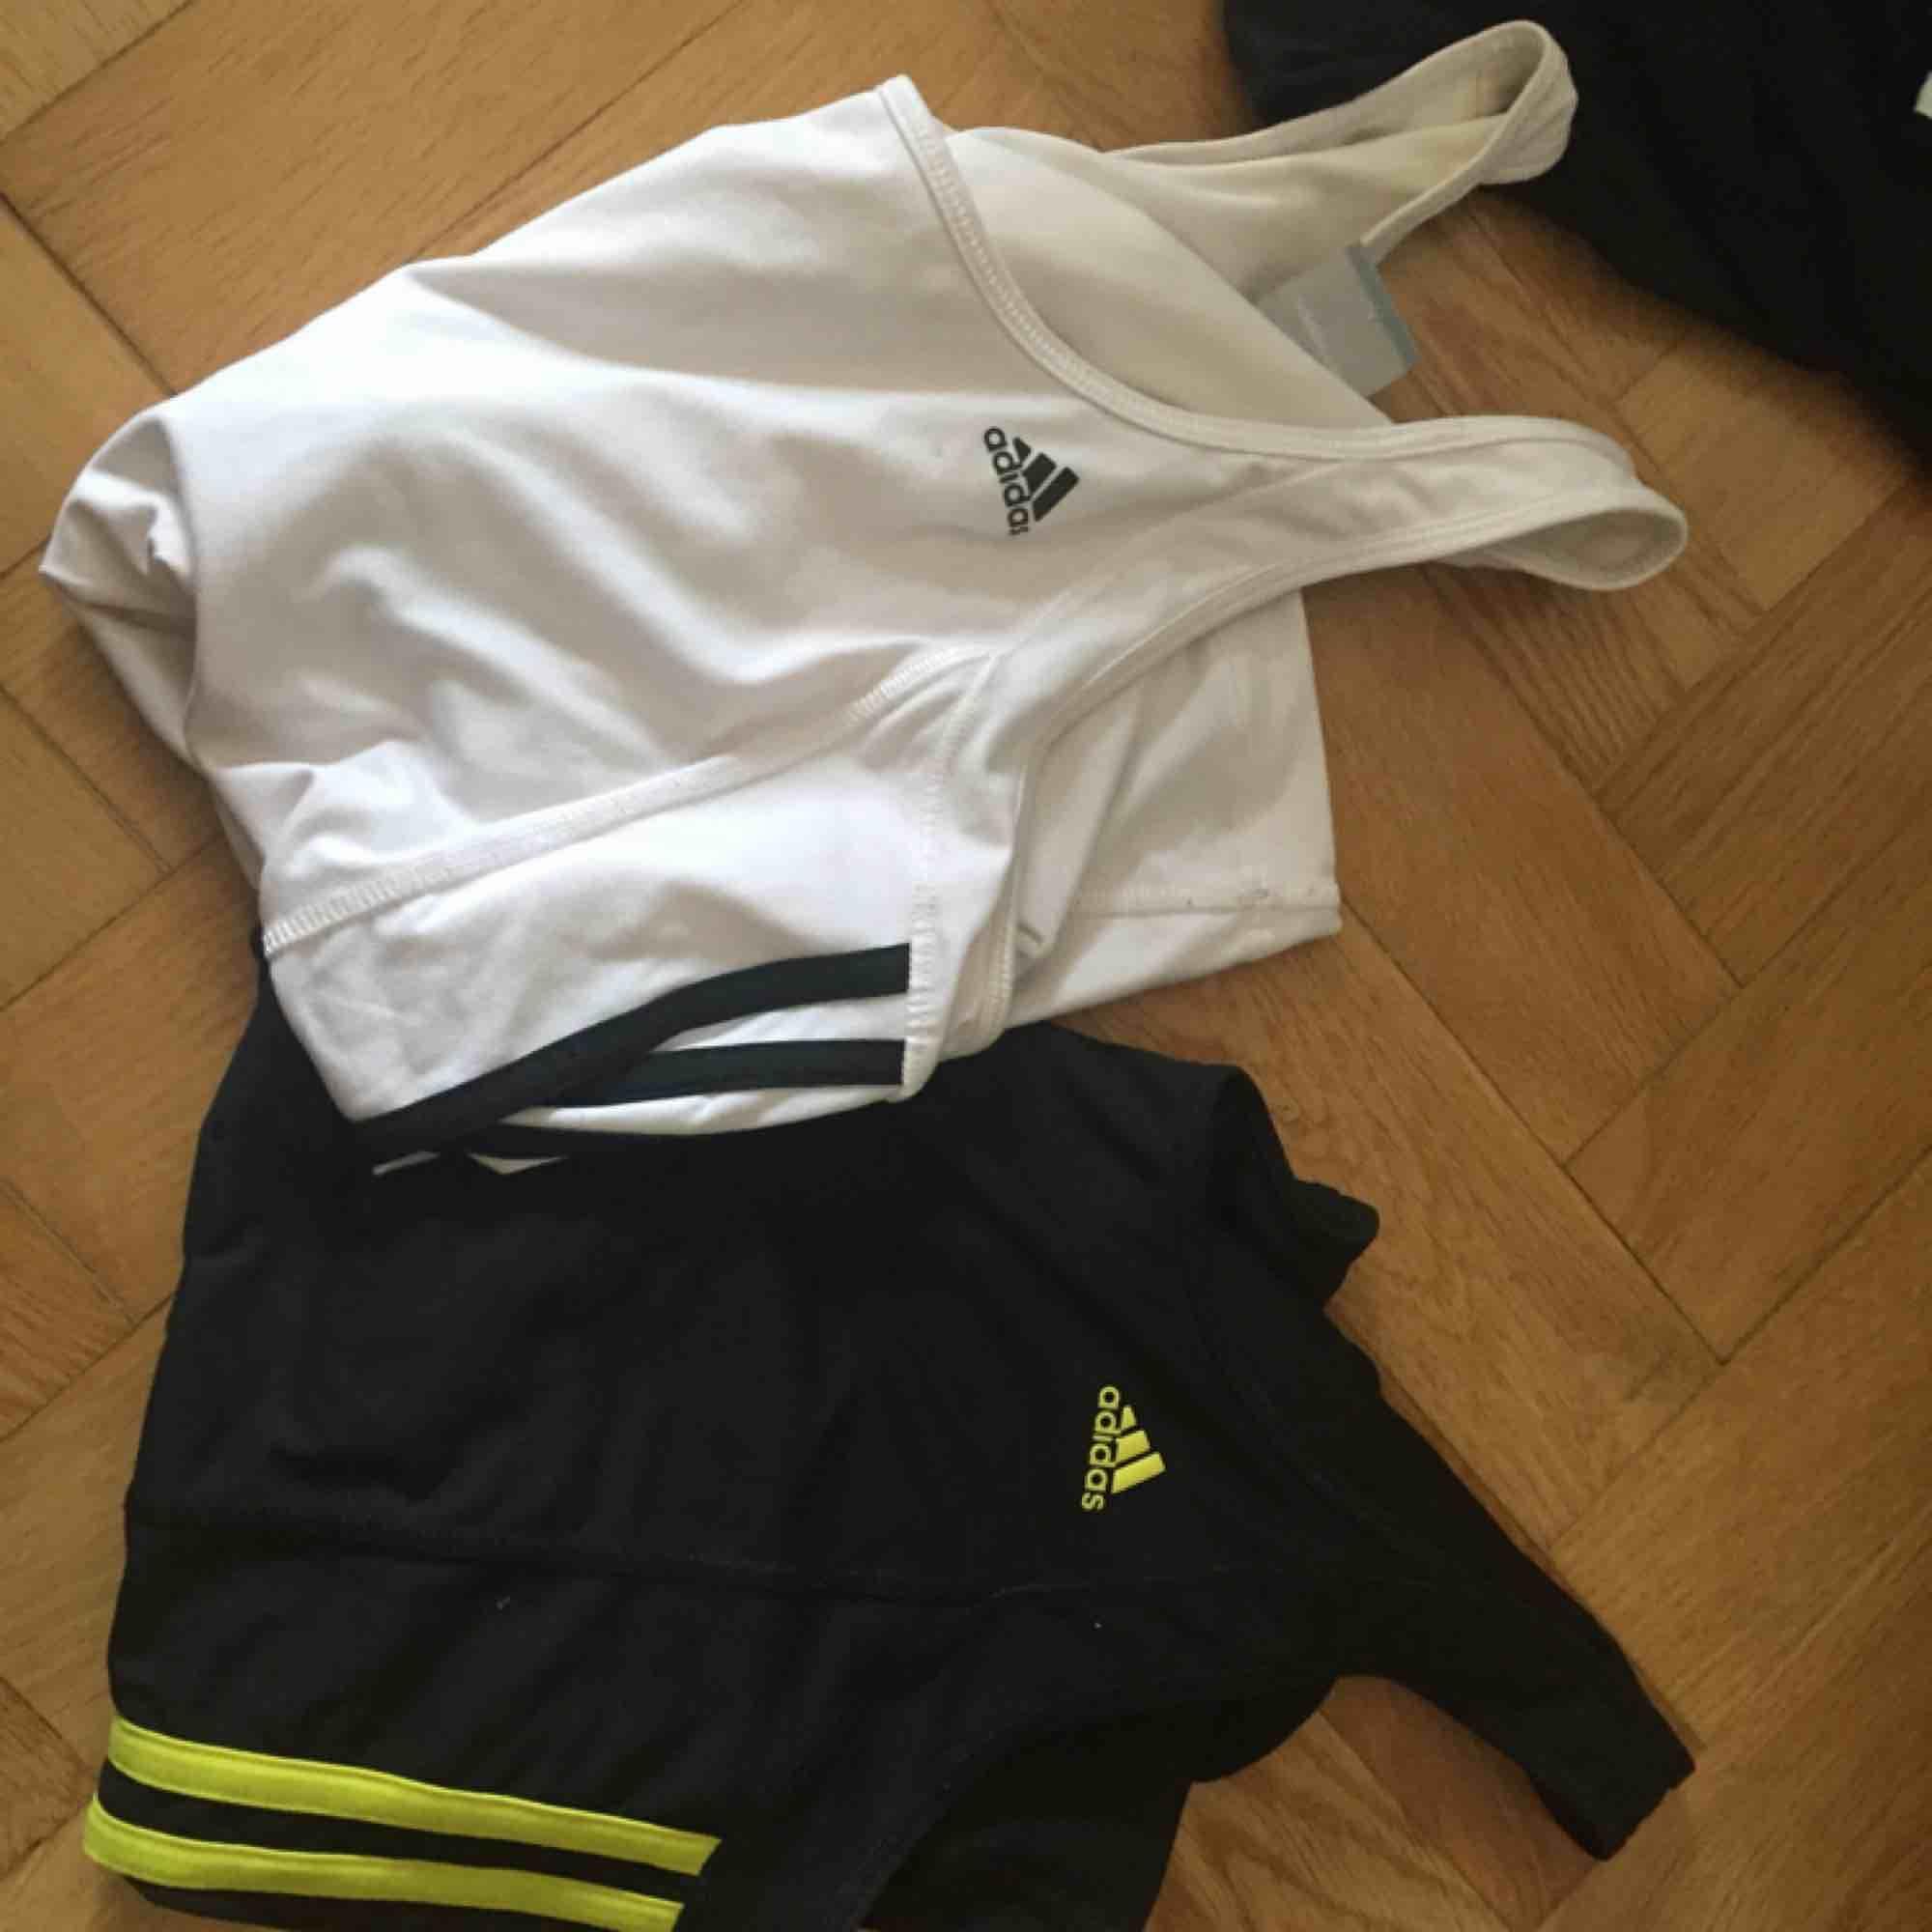 Träningslinnen från Adidas med inbyggd sport-bh. 50/st eller båda för 85kr. Två pyttesmå fläckar på det vita linnet som säkert går att tvätta bort. Använt men gott skick!  . Toppar.